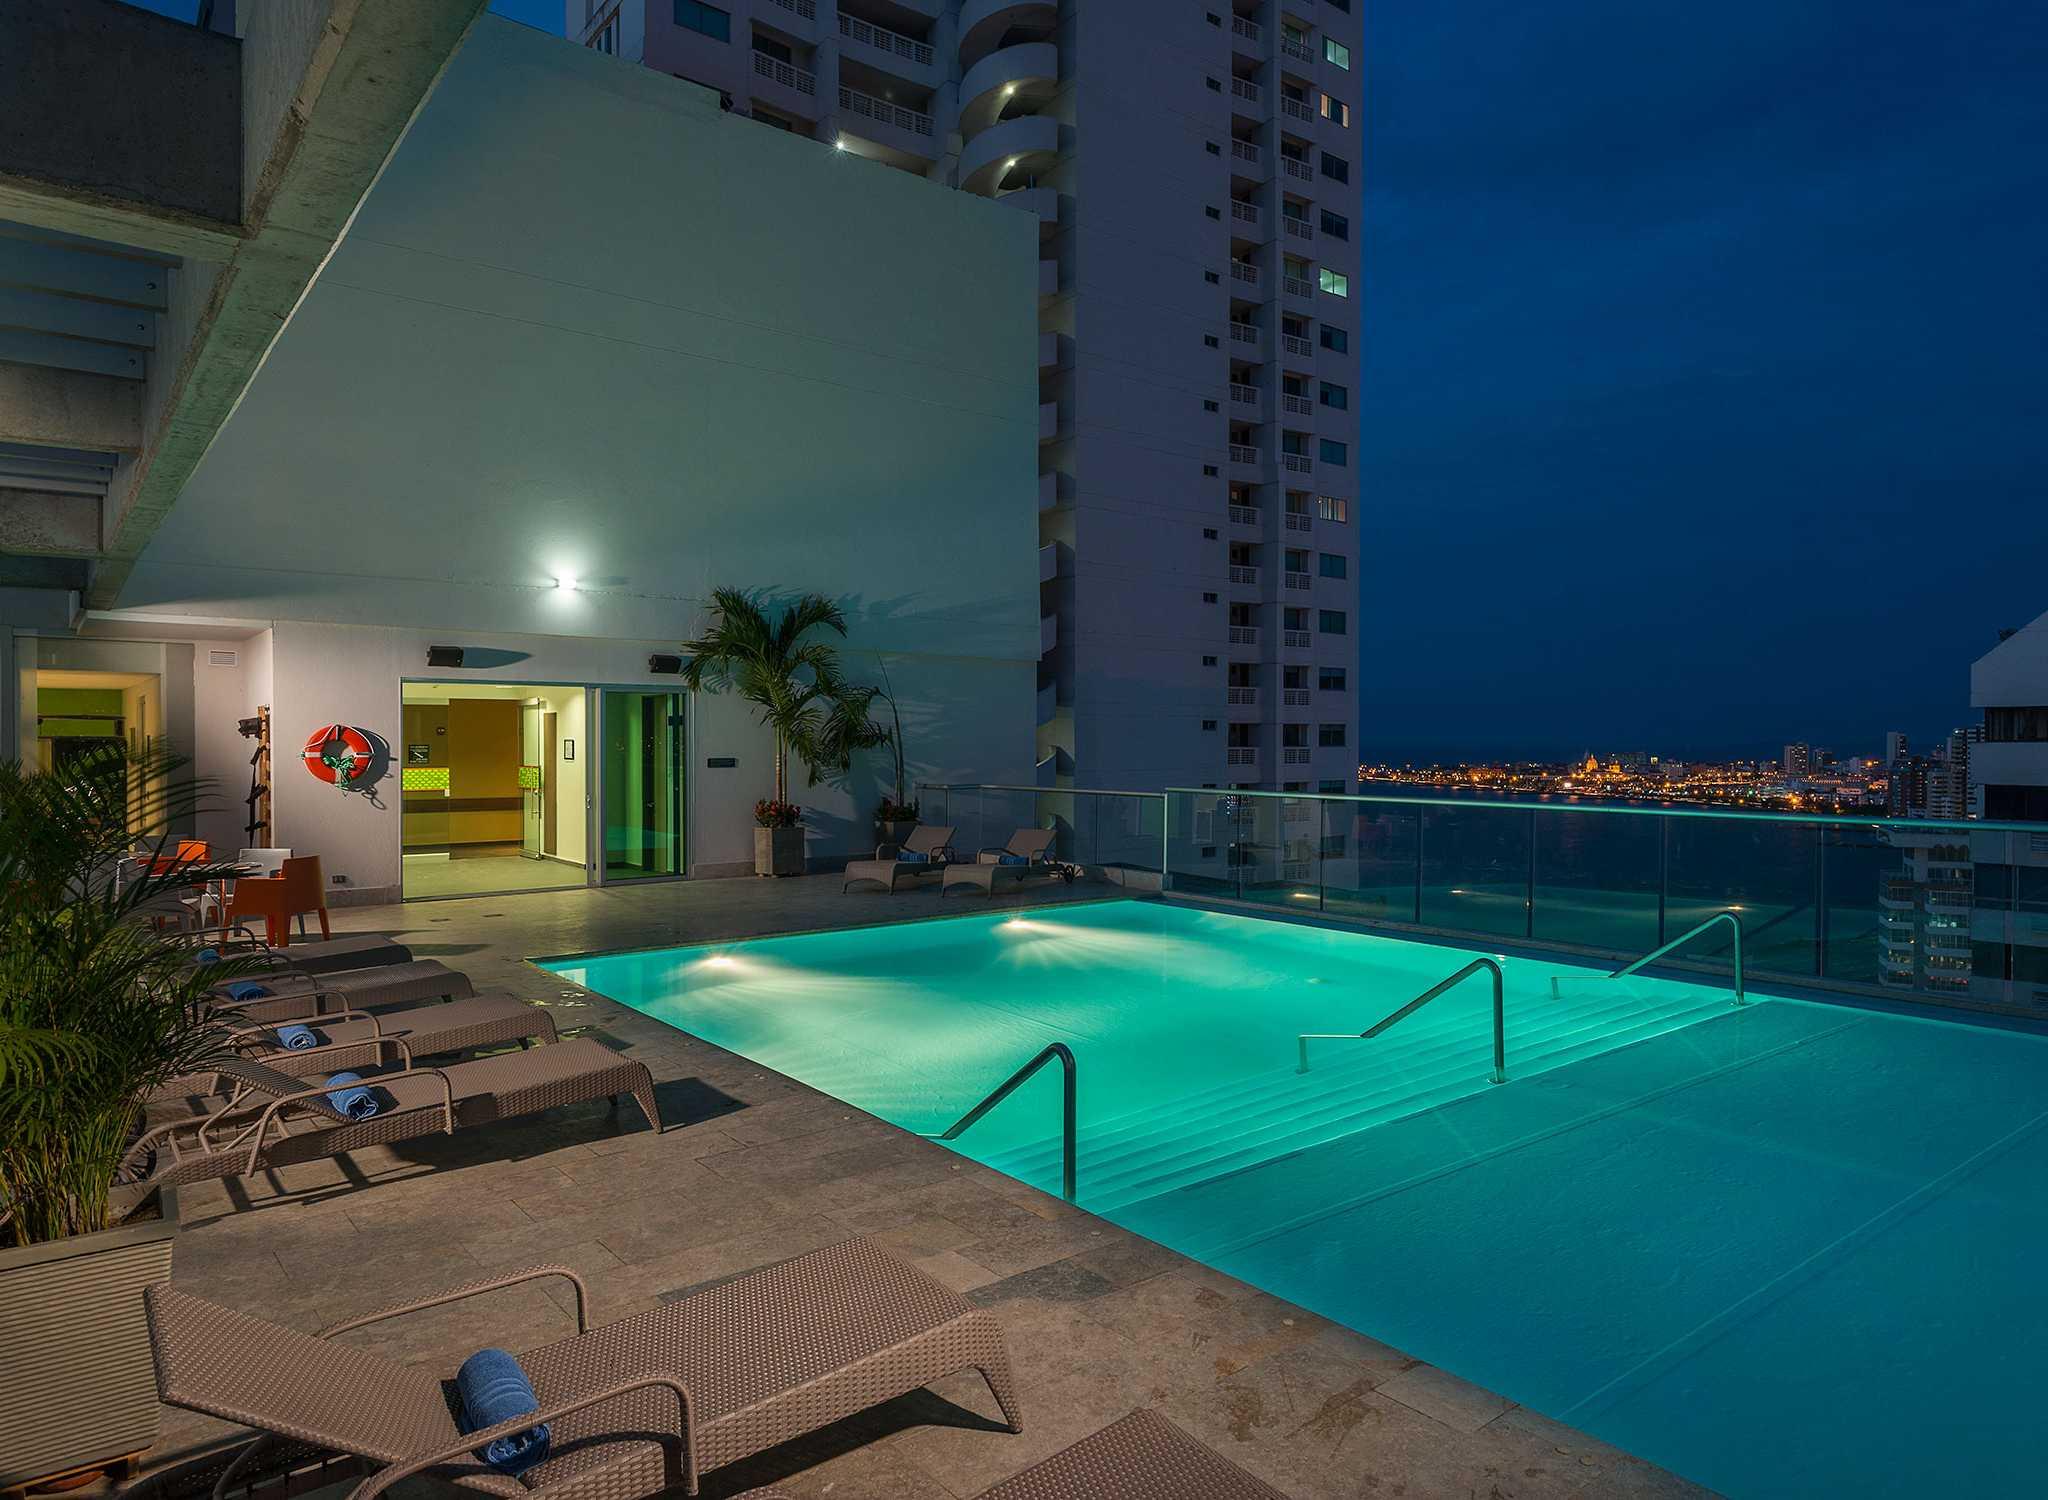 Hoteles en colombia cartagena cali barranquilla hilton - Hotel las gaunas en logrono ...